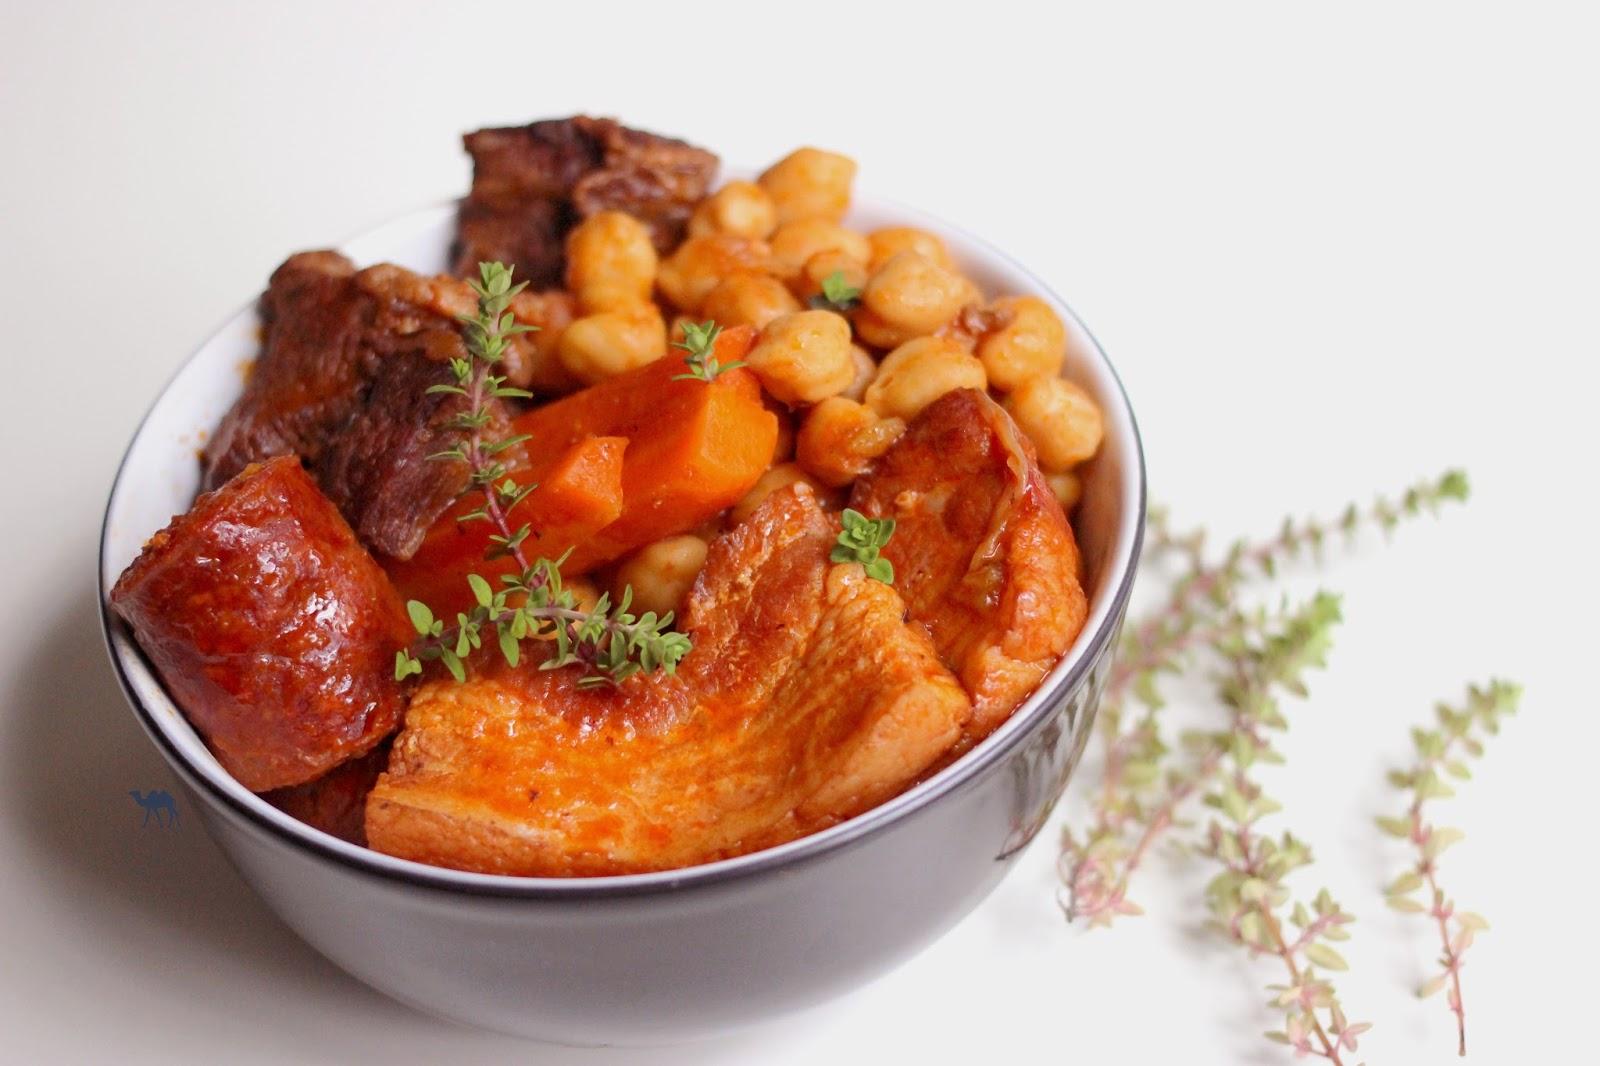 Le Chameau Bleu - Blog Cuisine et Voyage - Cocido - Olla - Puchero Cuisine Espagnol Ragout - plat traditionnel espagnol